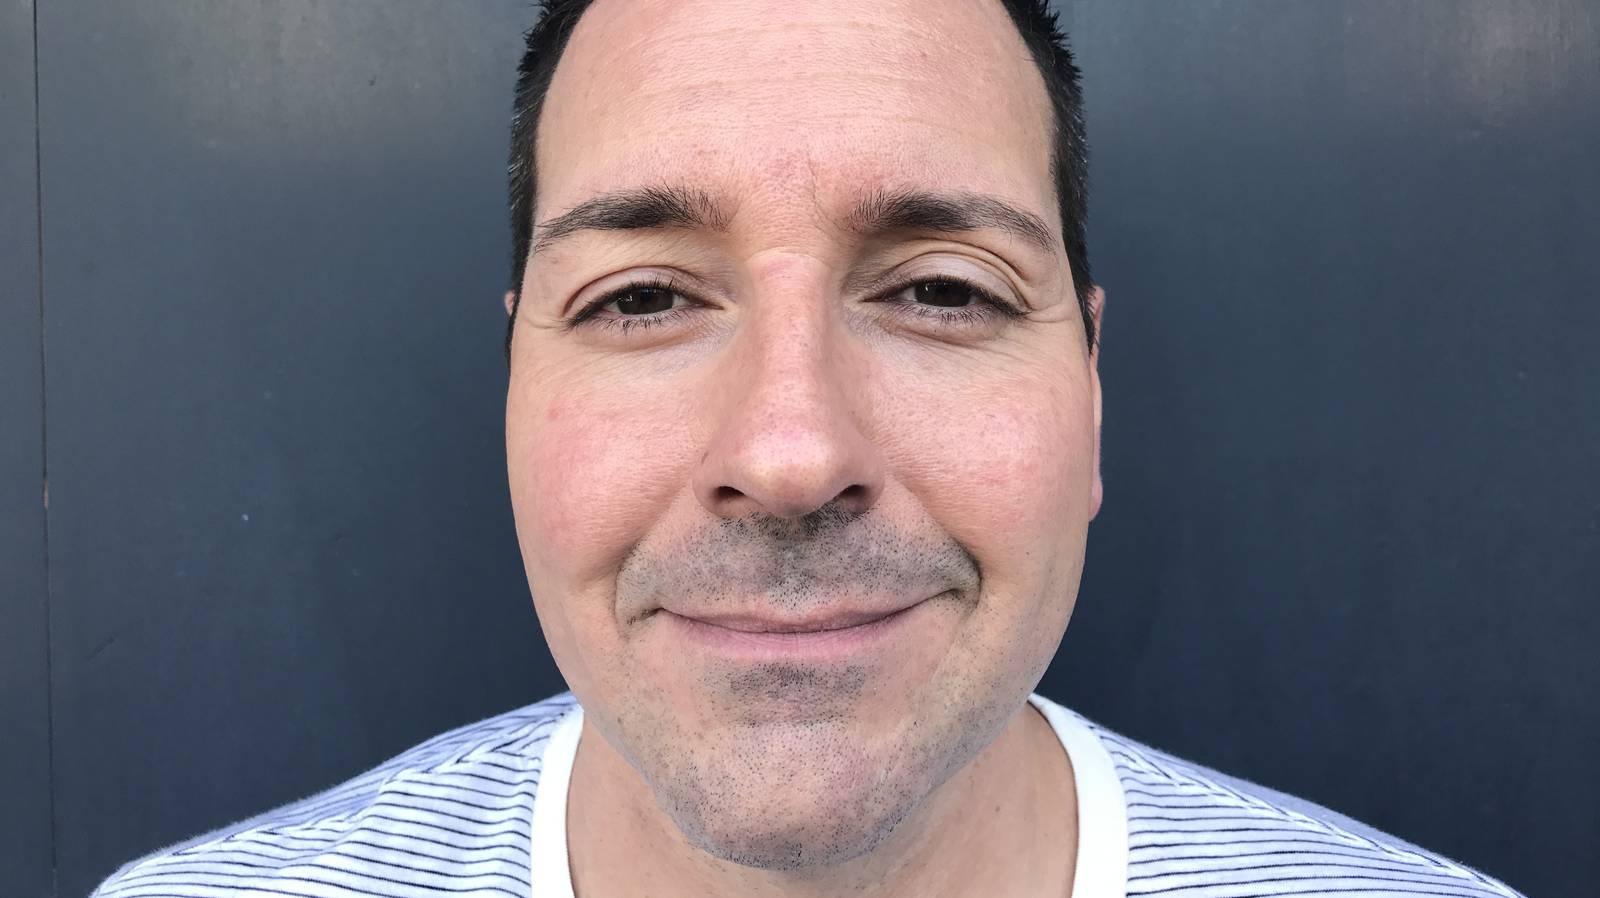 Kurz vor der Behandlung mit Botox und Hyaloronsäure. (© Radio Argovia)